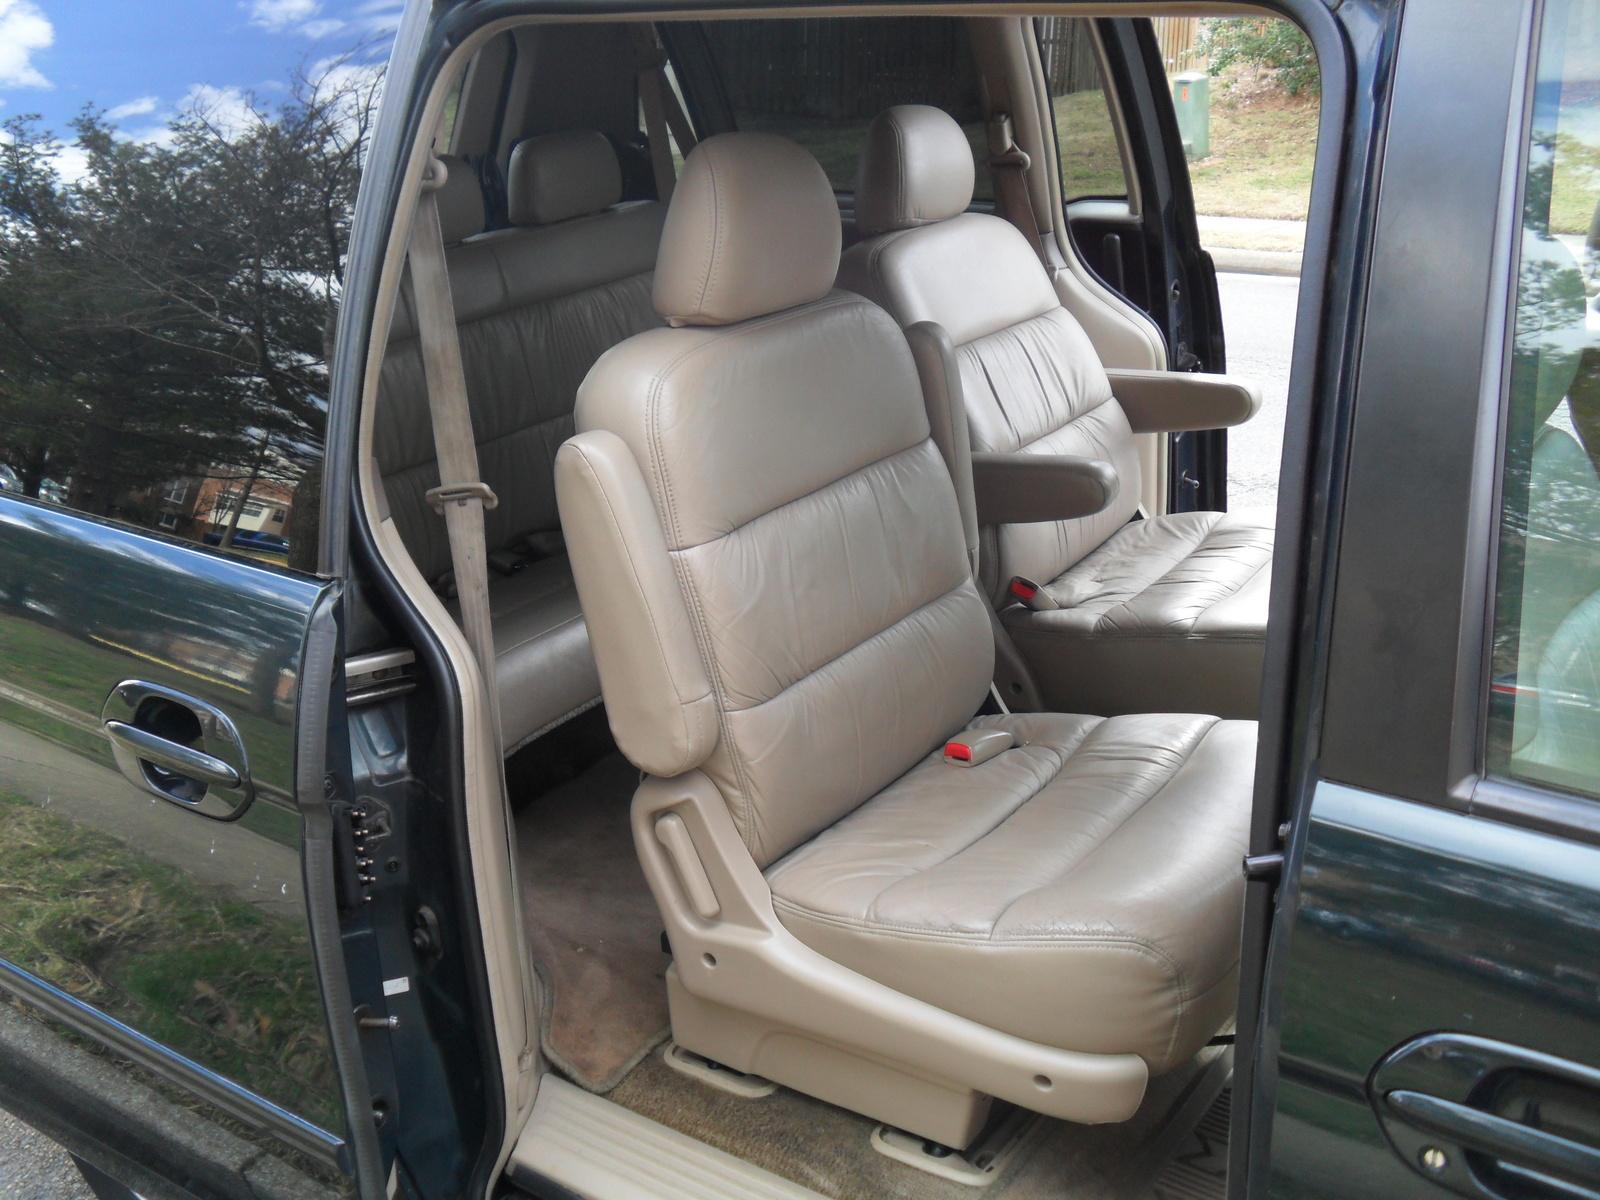 2000 Honda Odyssey - Pictures - CarGurus